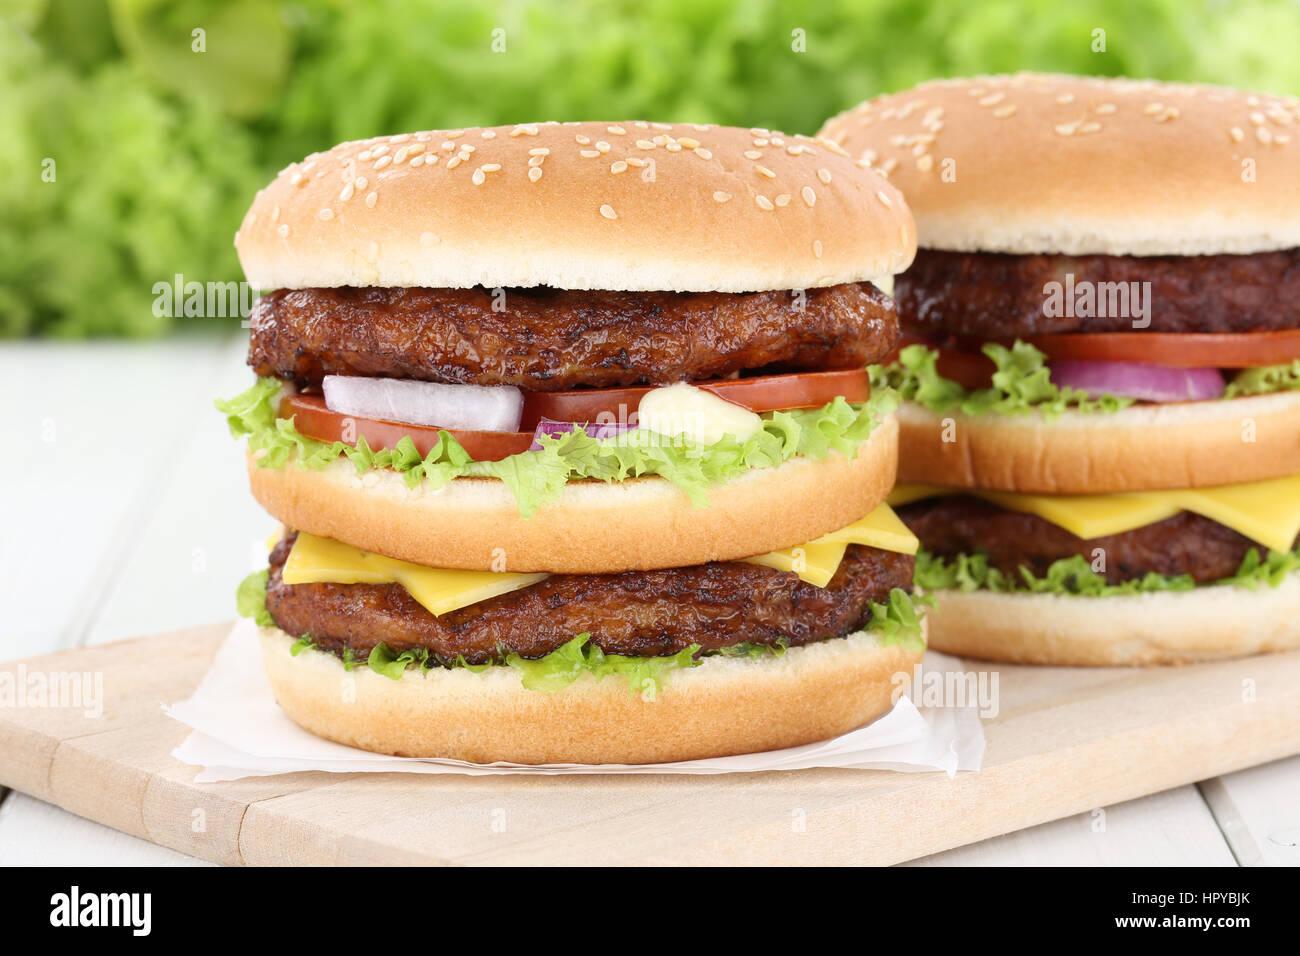 Double burger hamburger formaggio pomodori malsano mangiare Immagini Stock